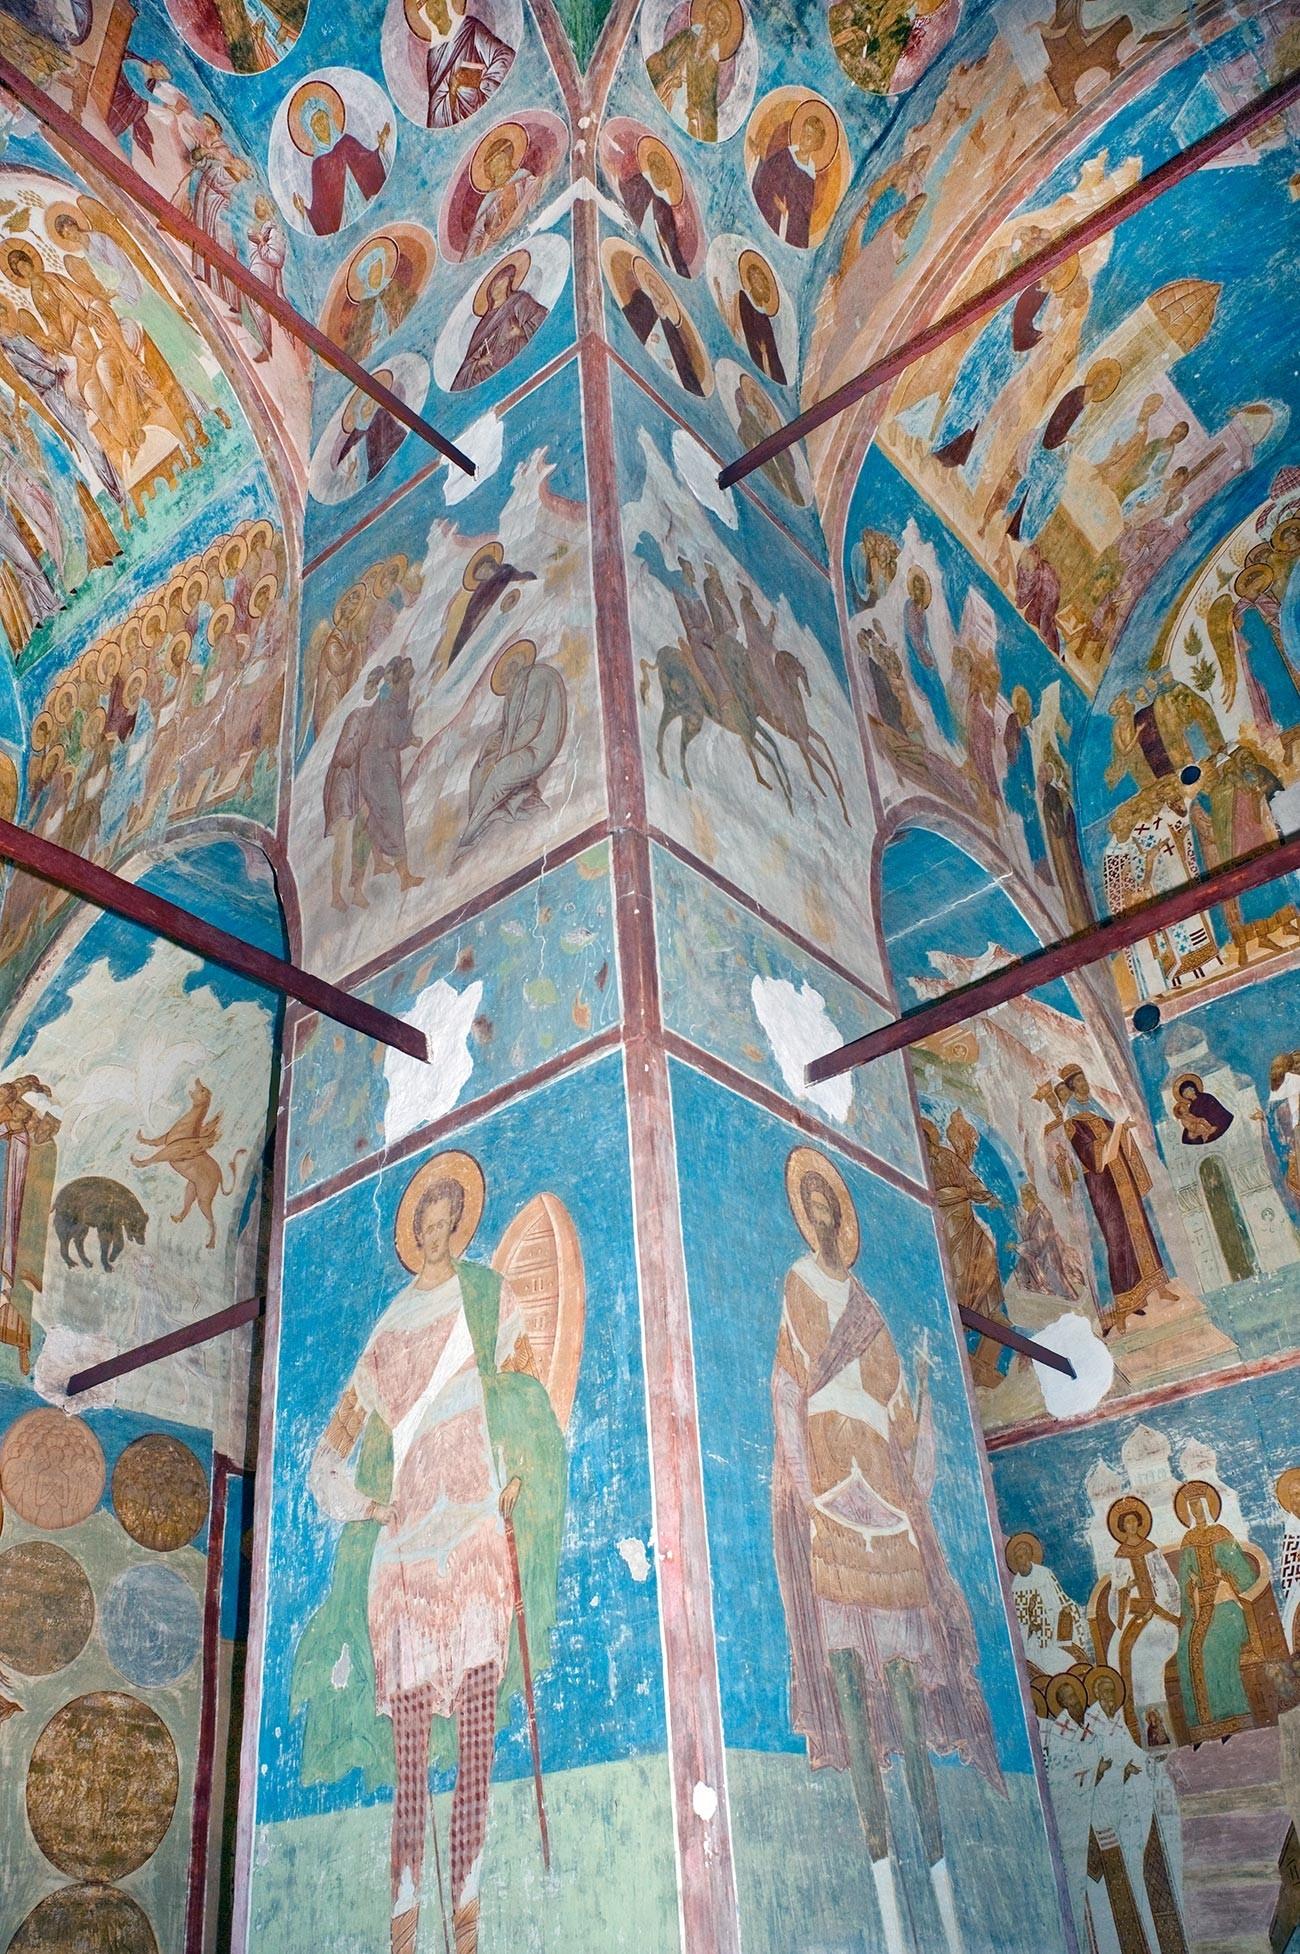 Katedrala rojstva Device Marije. Severozahodni slop s freskami sv. Dimitrija (levo) in sv. Teodorja. Zgornja raven: Trije modri sledijo zvezdi. 1. junij 2014